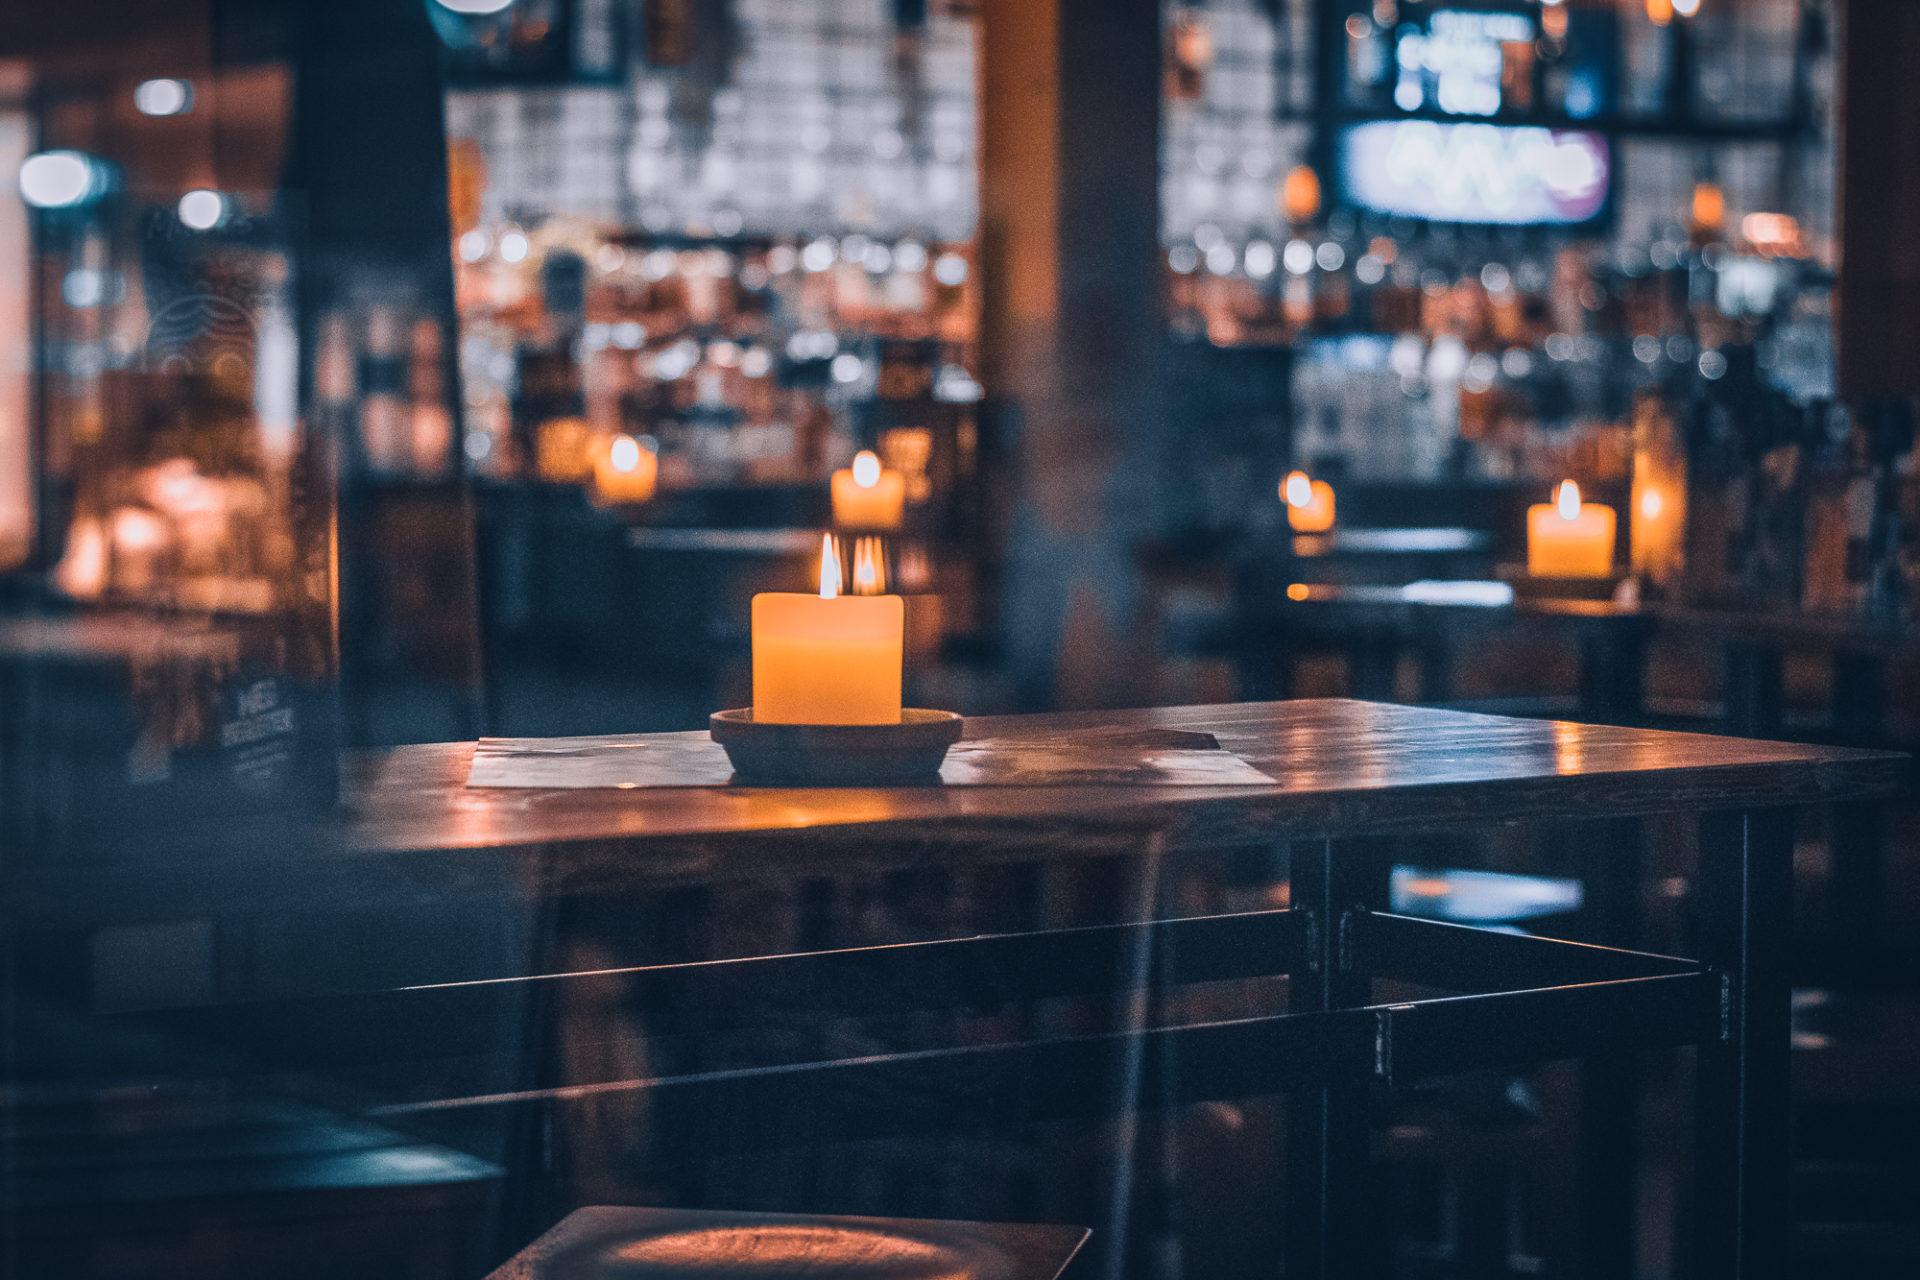 Innenansicht eines Restaurants mit leeren Tischen und Kerzenlicht